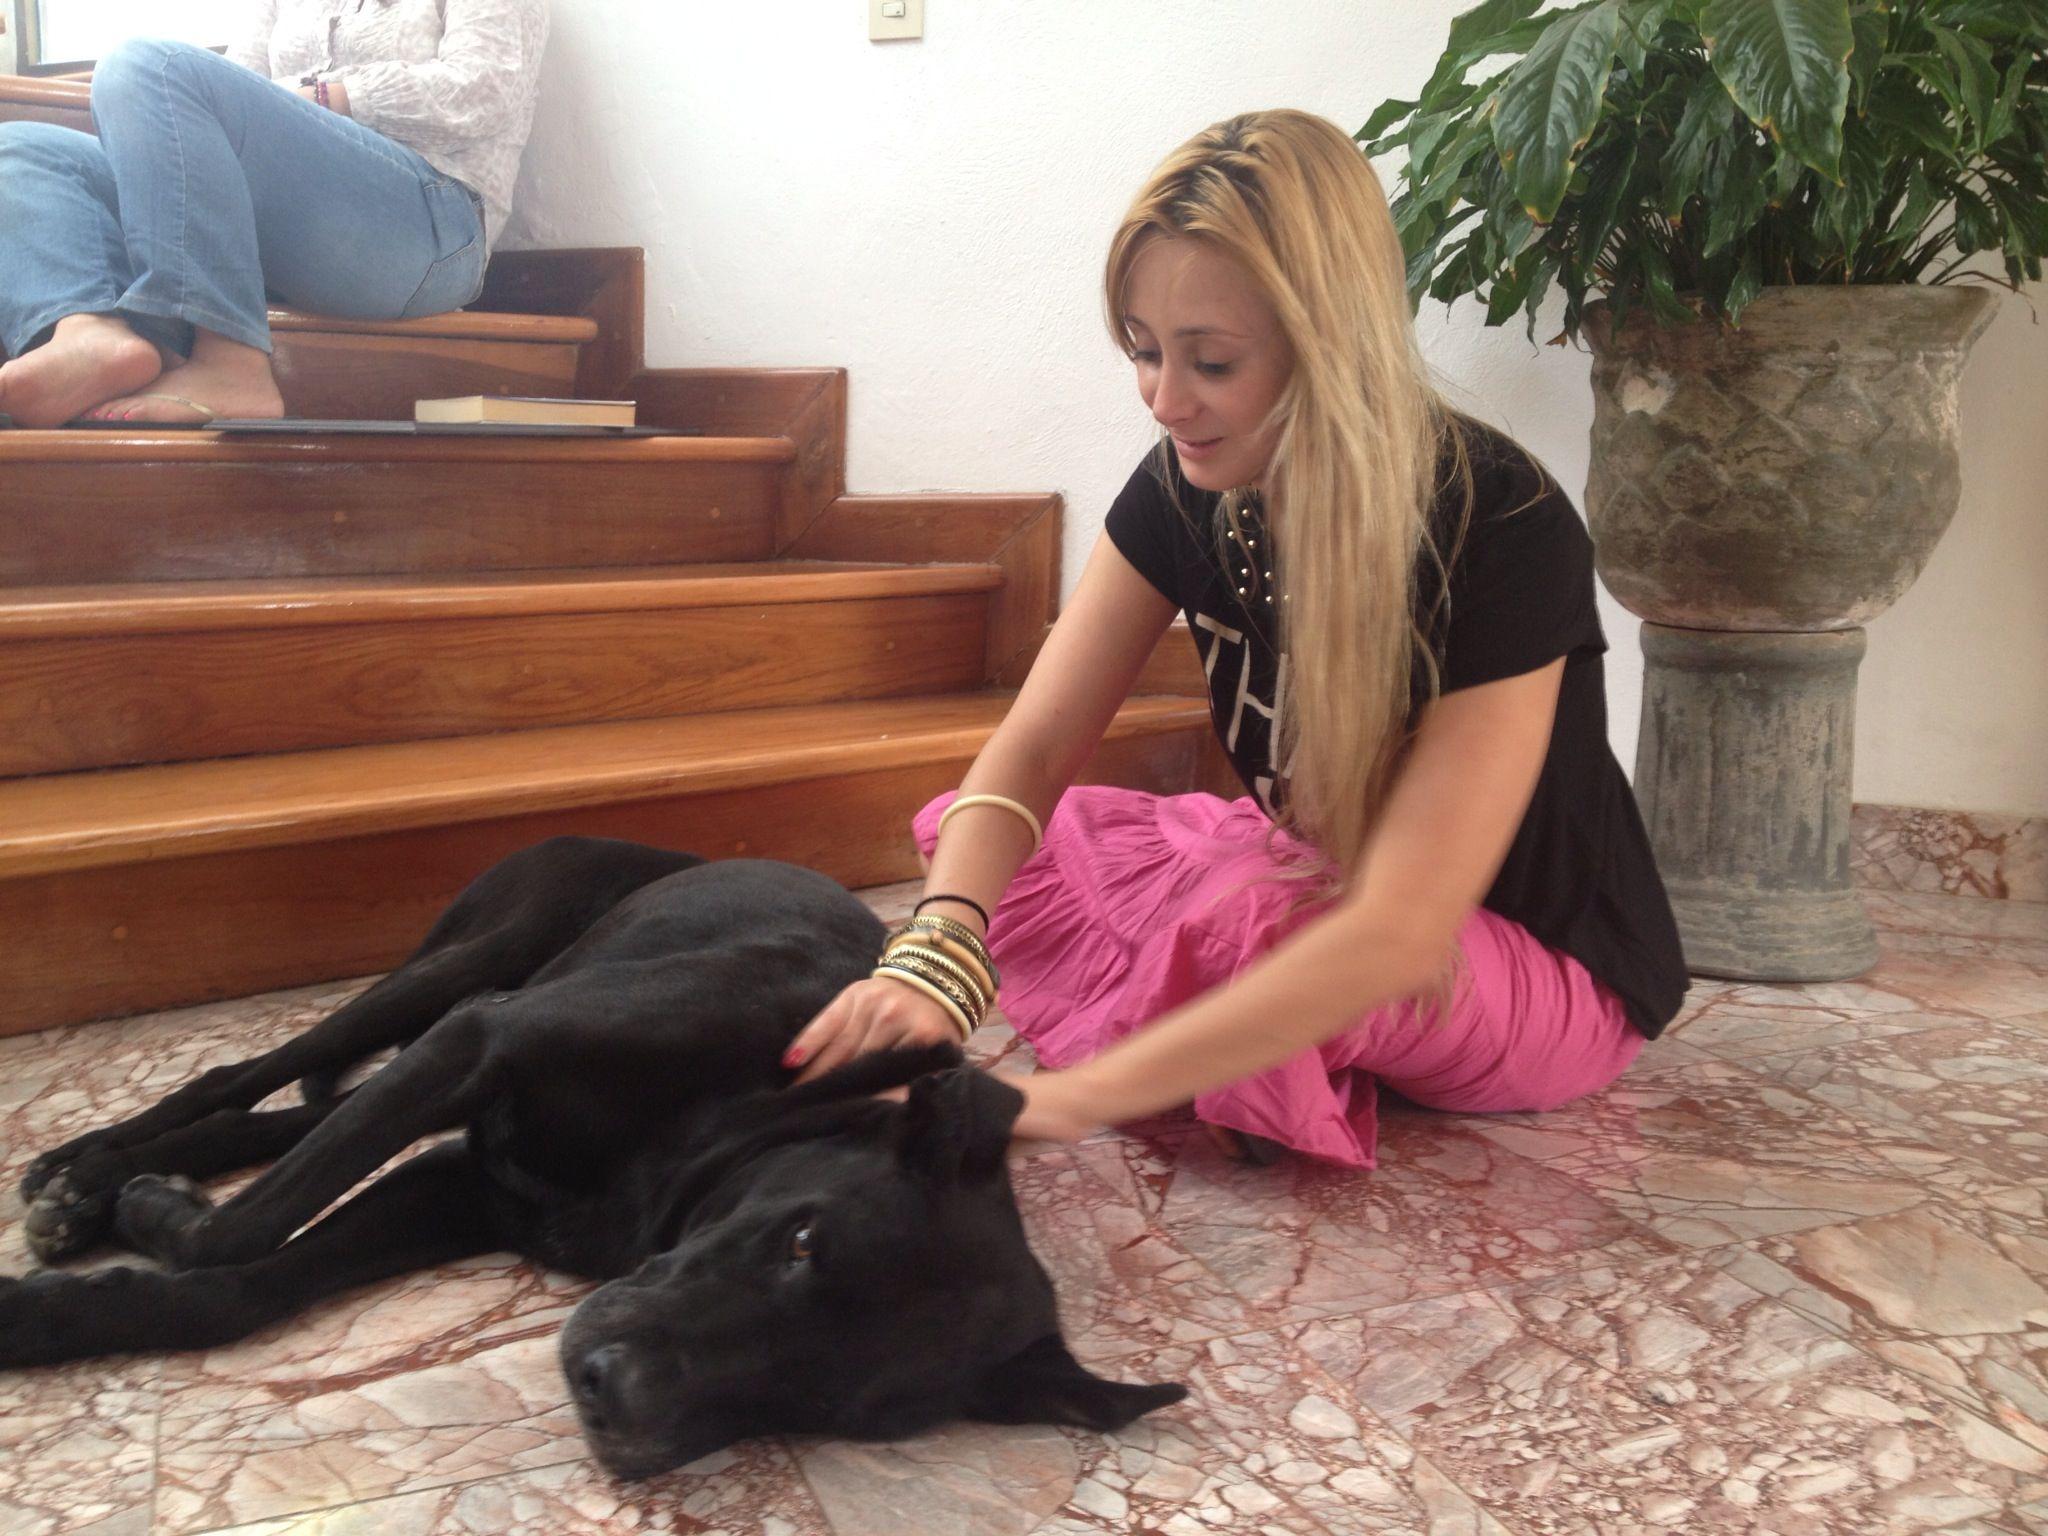 bezoekende massage doggy style